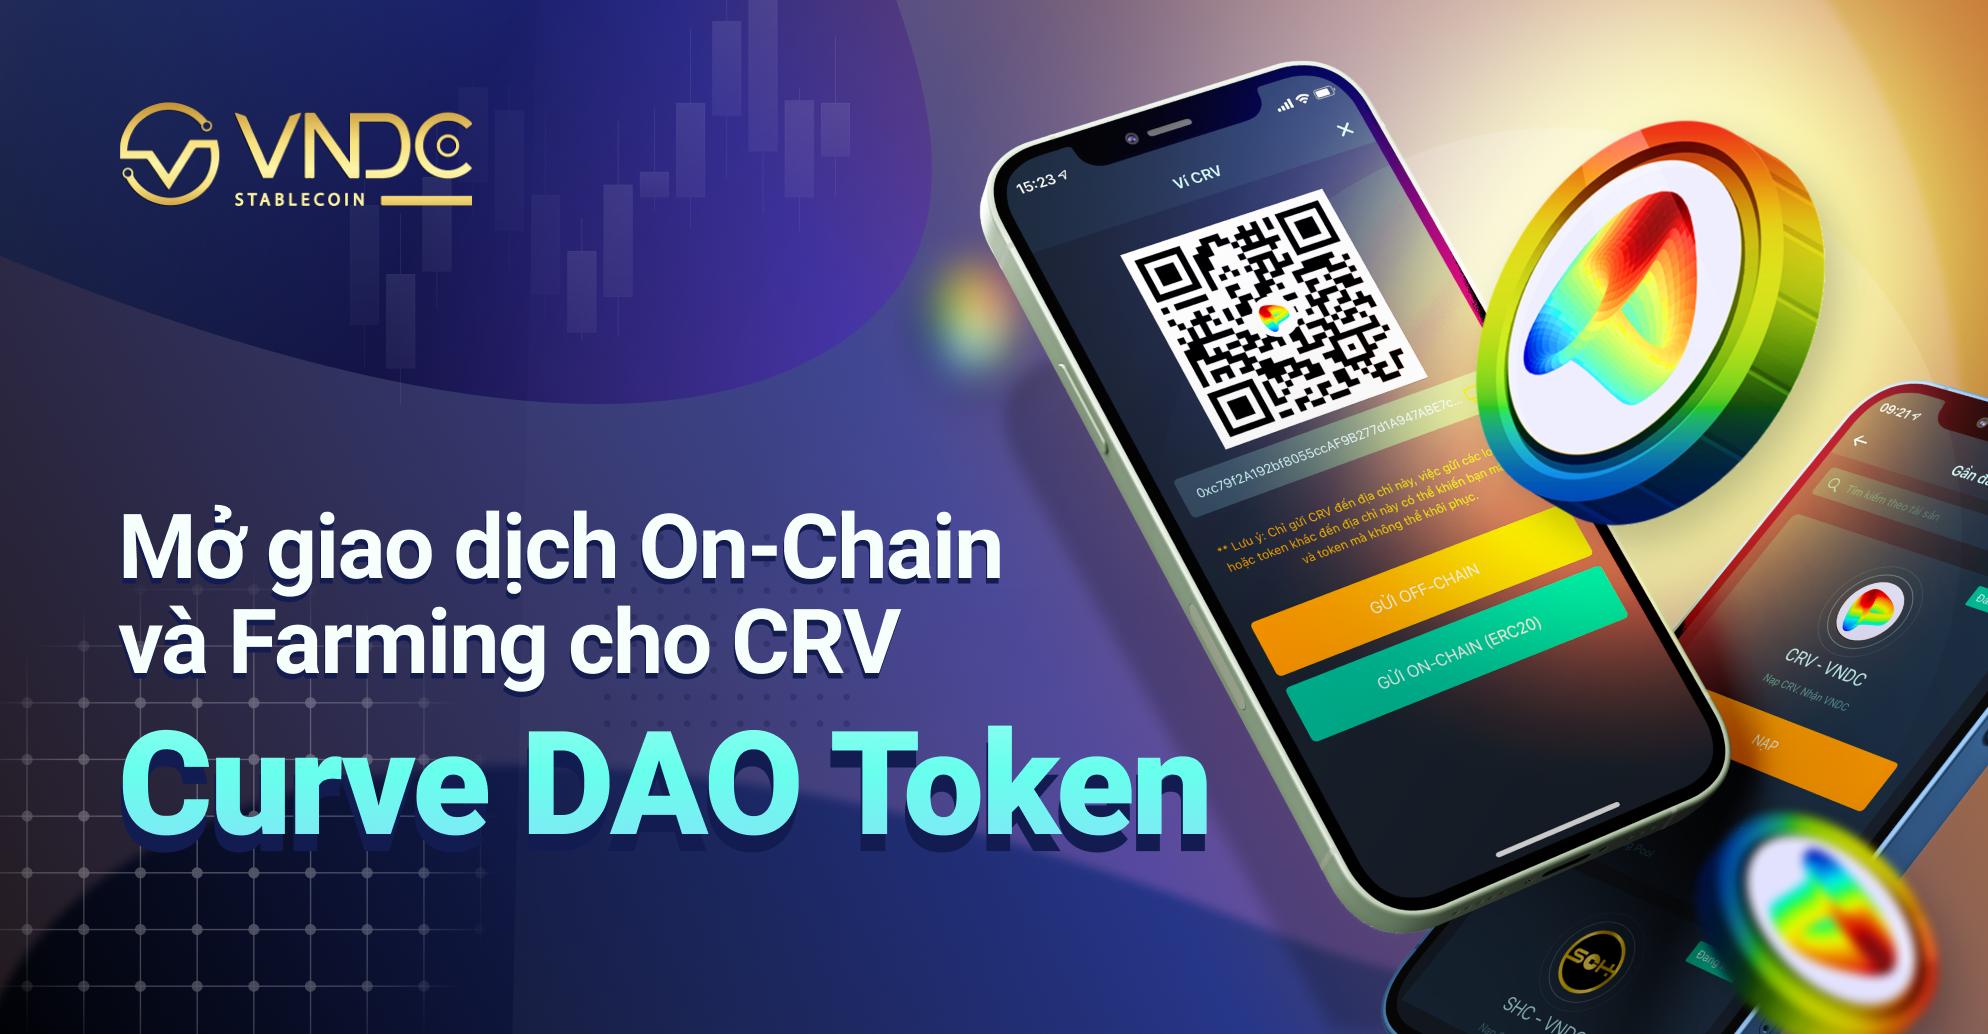 Mở giao dịch On-chain và Farming cho Curve DAO Token (CRV)